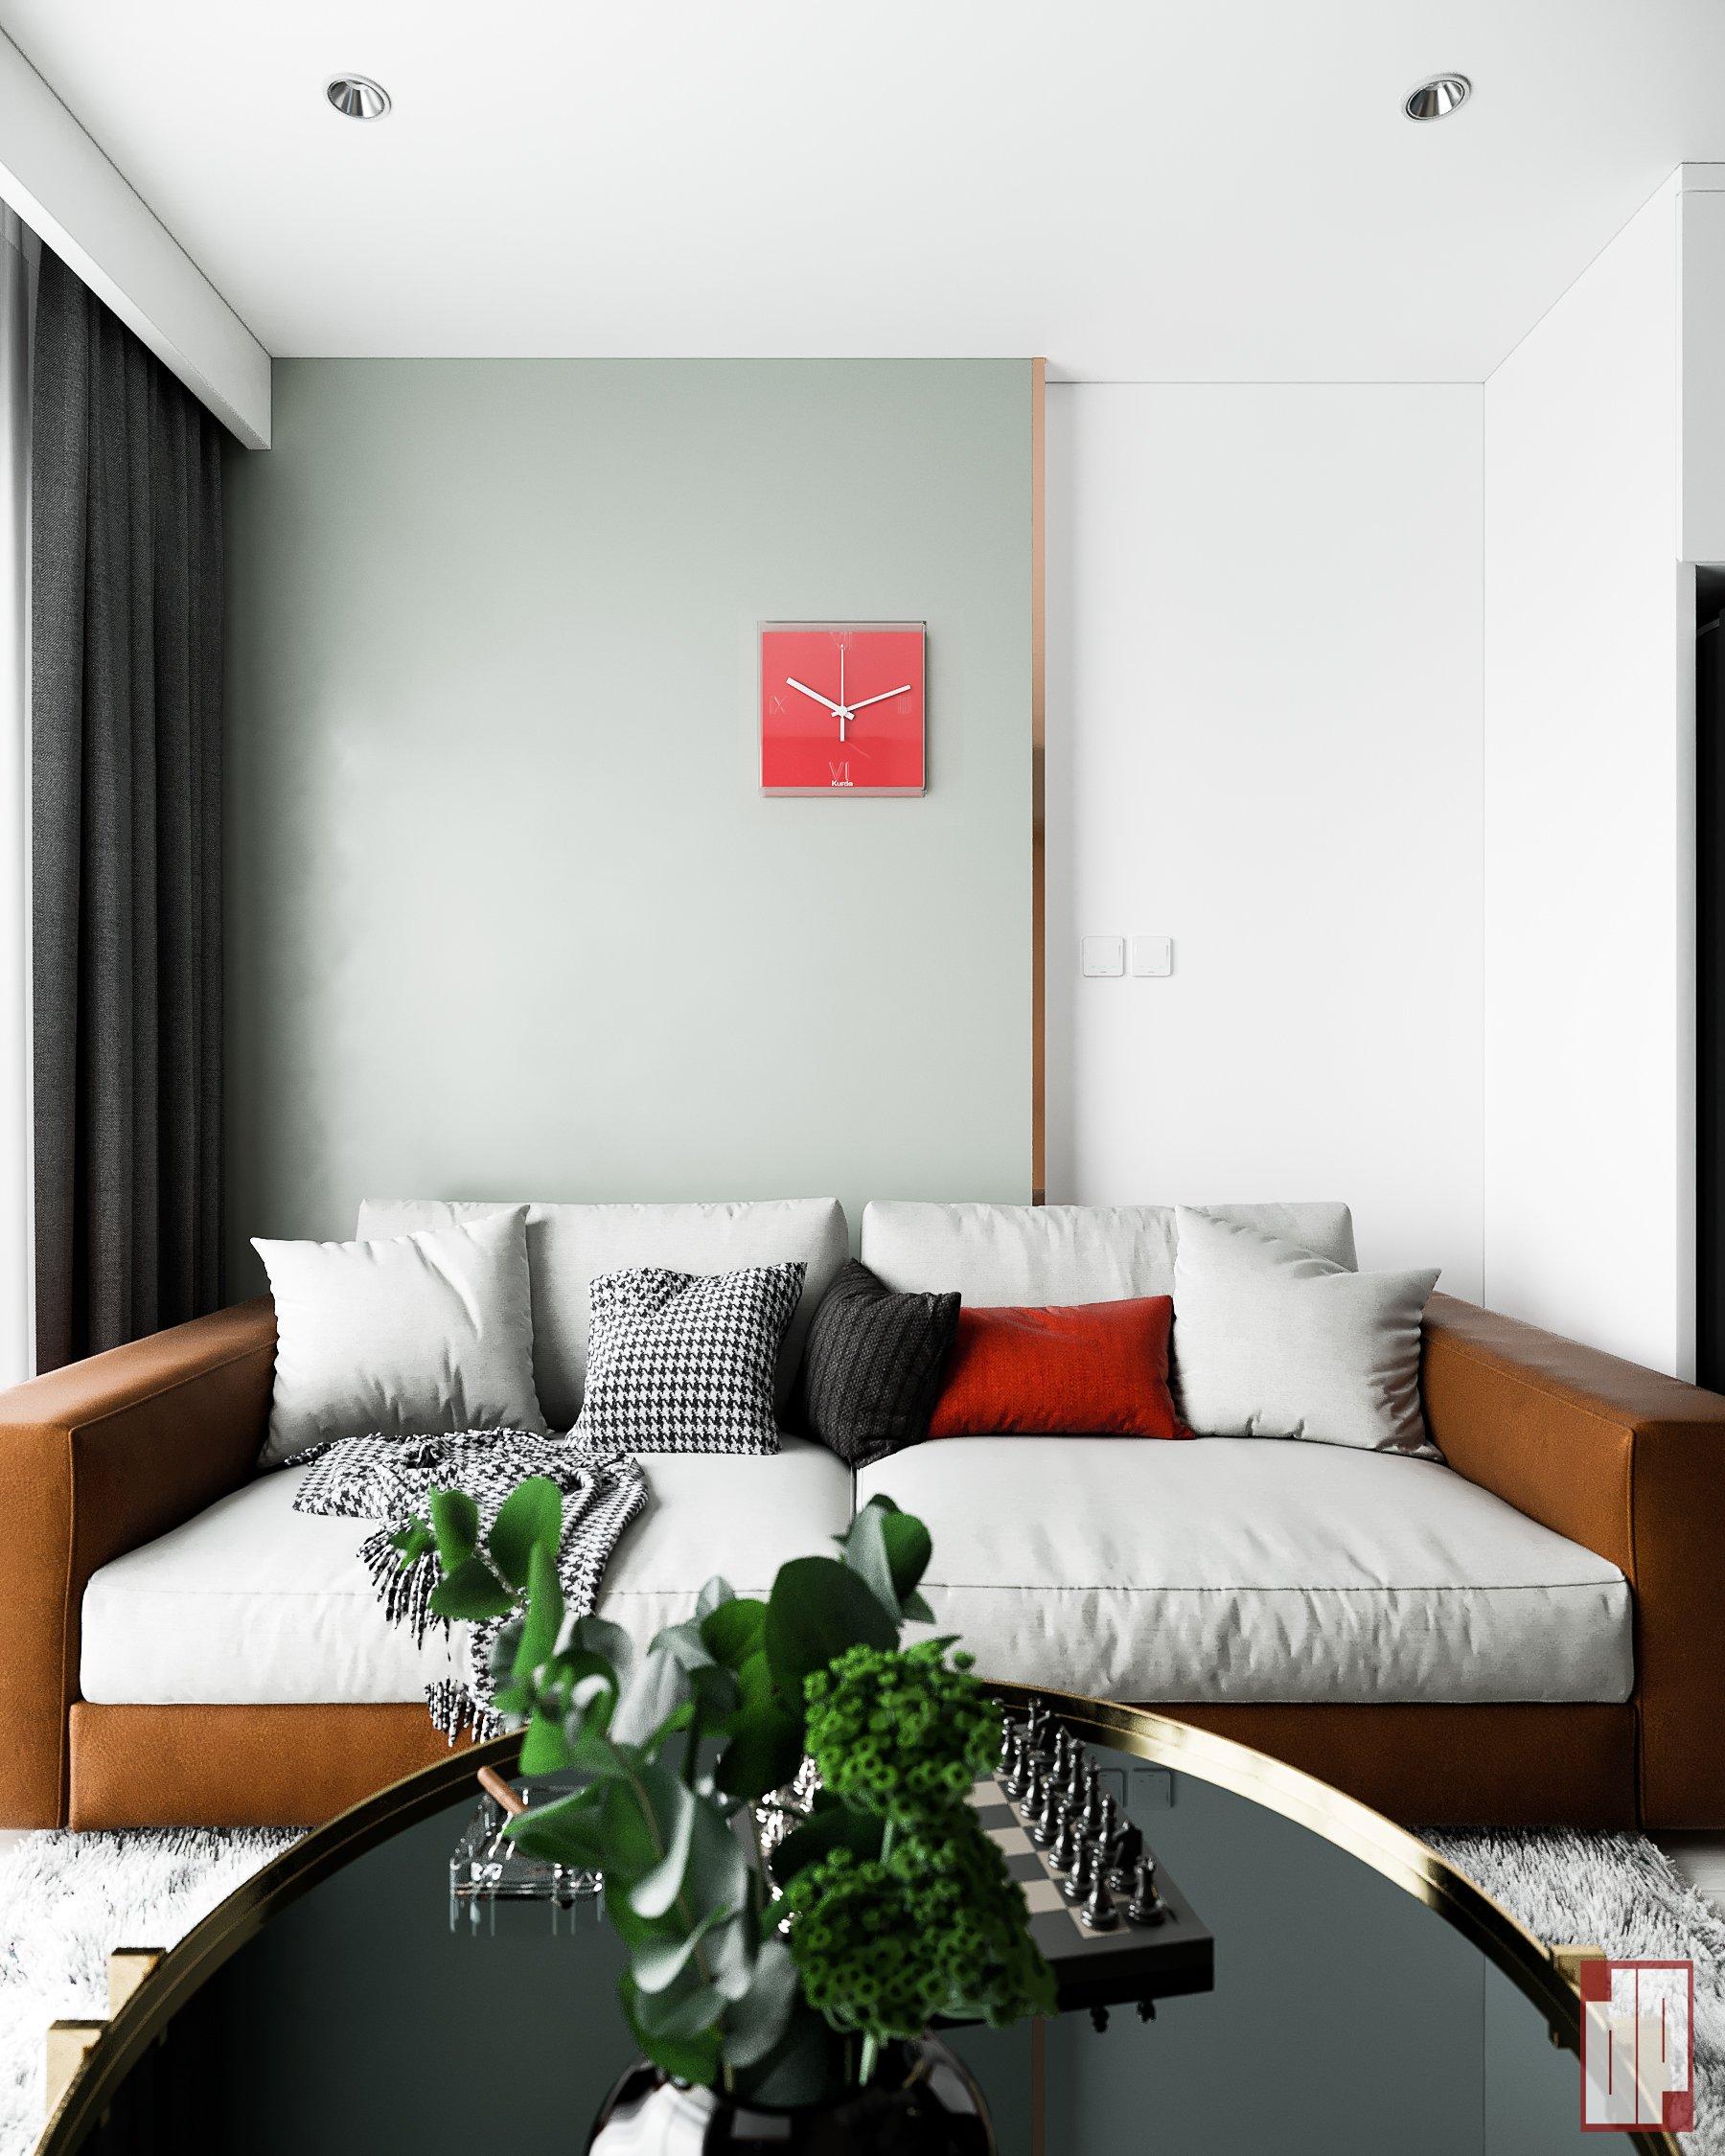 Thiết kế nội thất Chung Cư tại Hồ Chí Minh CHUNG CU VINHOME CENTRAL PARK-Q9 1630423858 9